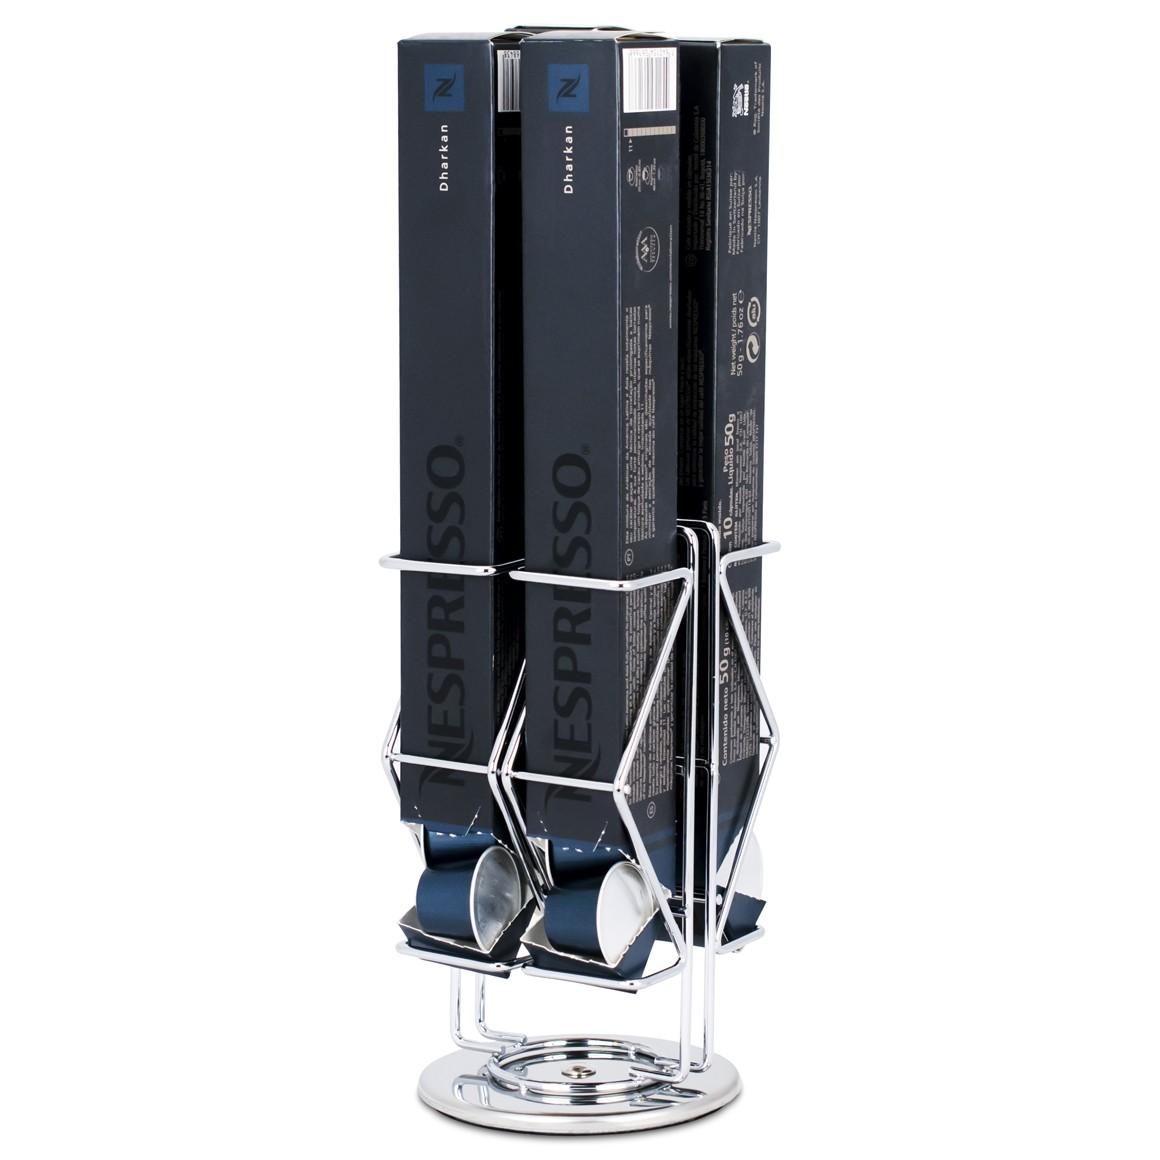 Porta Cápsulas Nespresso Silver - 4 Caixas